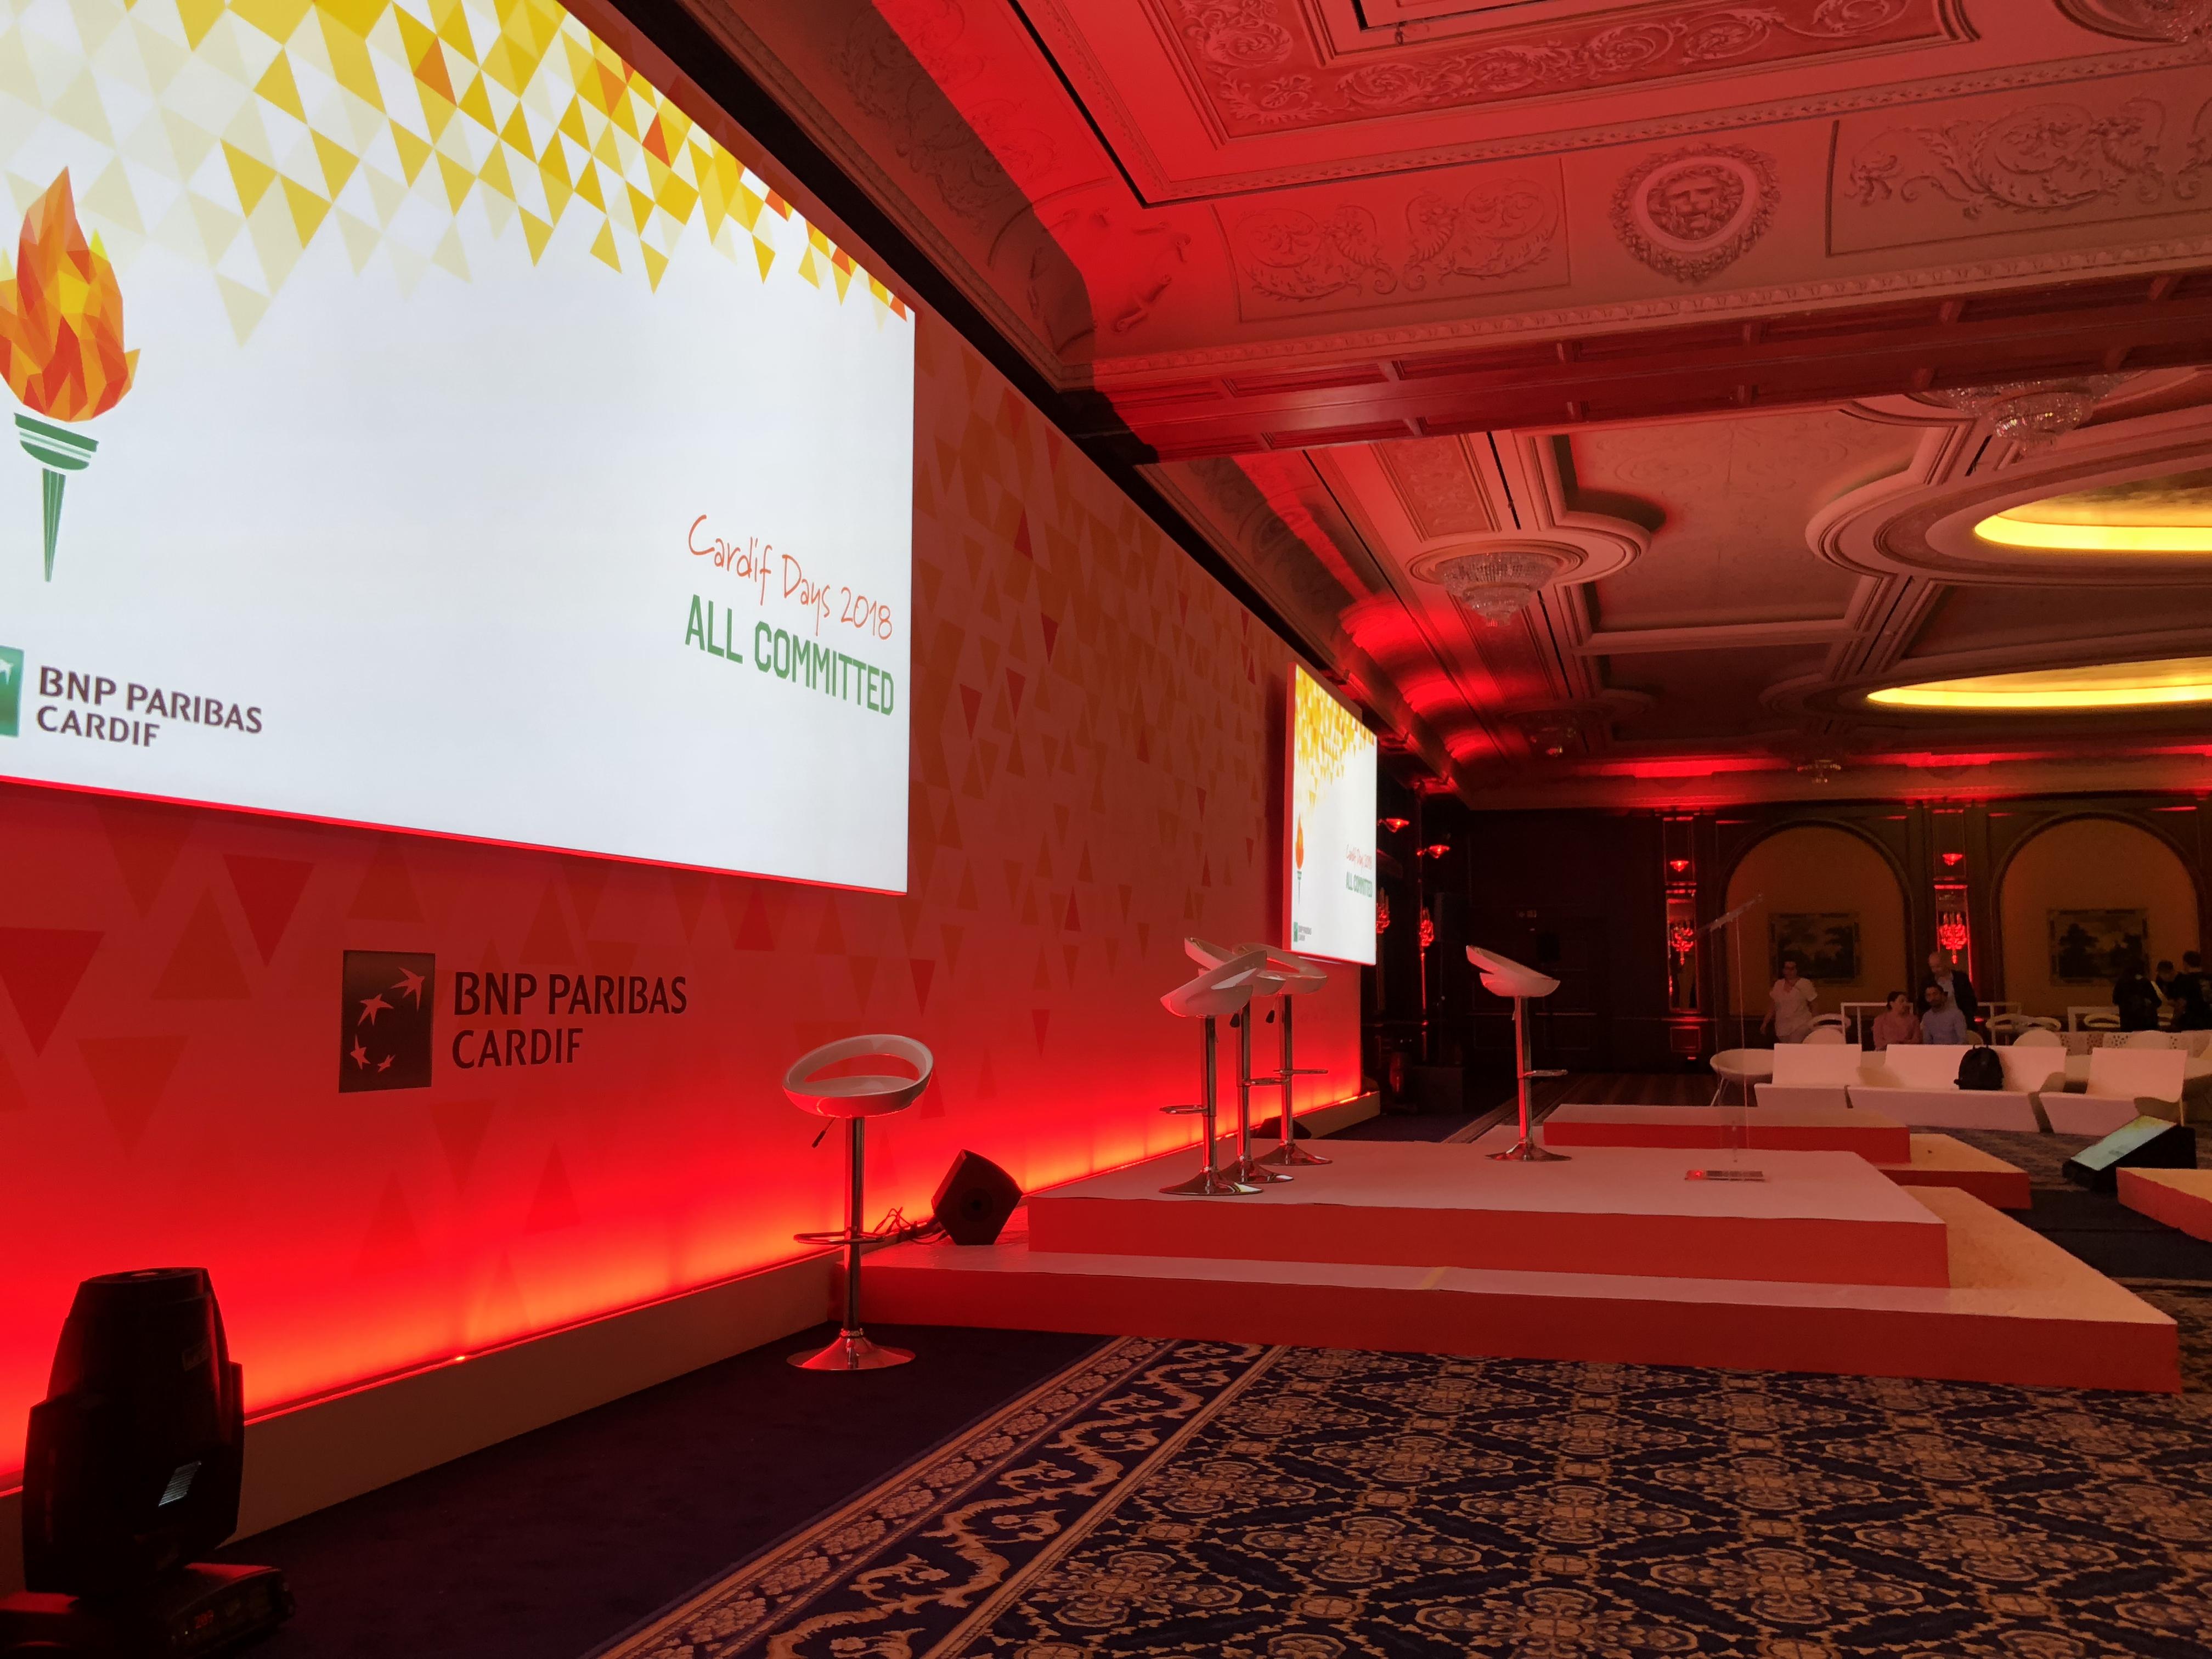 aucop-event-italie-twobevents-son-video-deco-scene-lac majeur-bnp paribas-evenementiel-audiovisuel